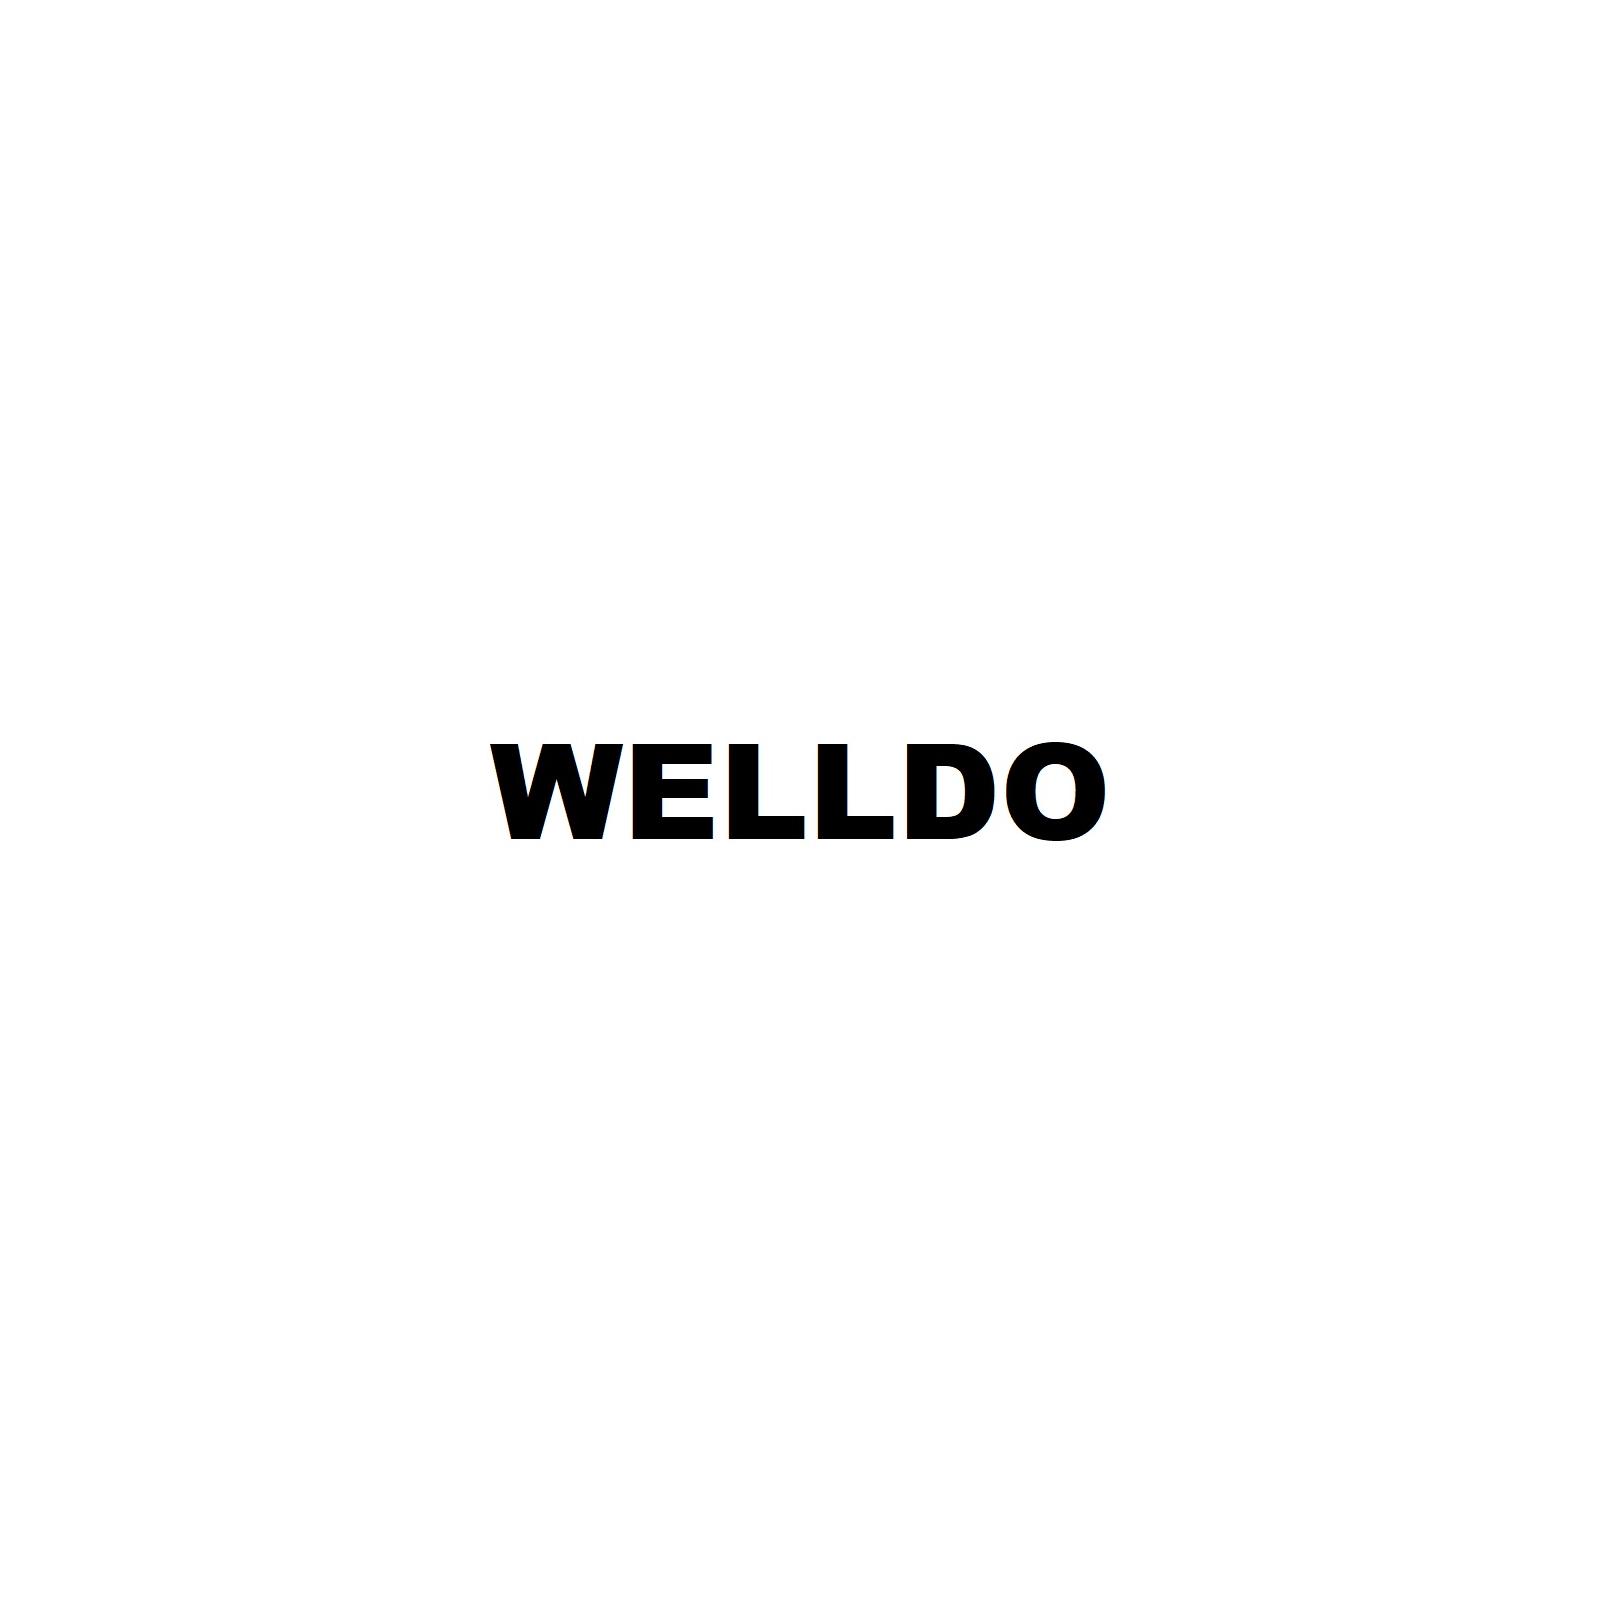 Фотобарабан HP LJ Pro M102/104/130/132/M203, ECO Line Welldo (WDDH102ECO)